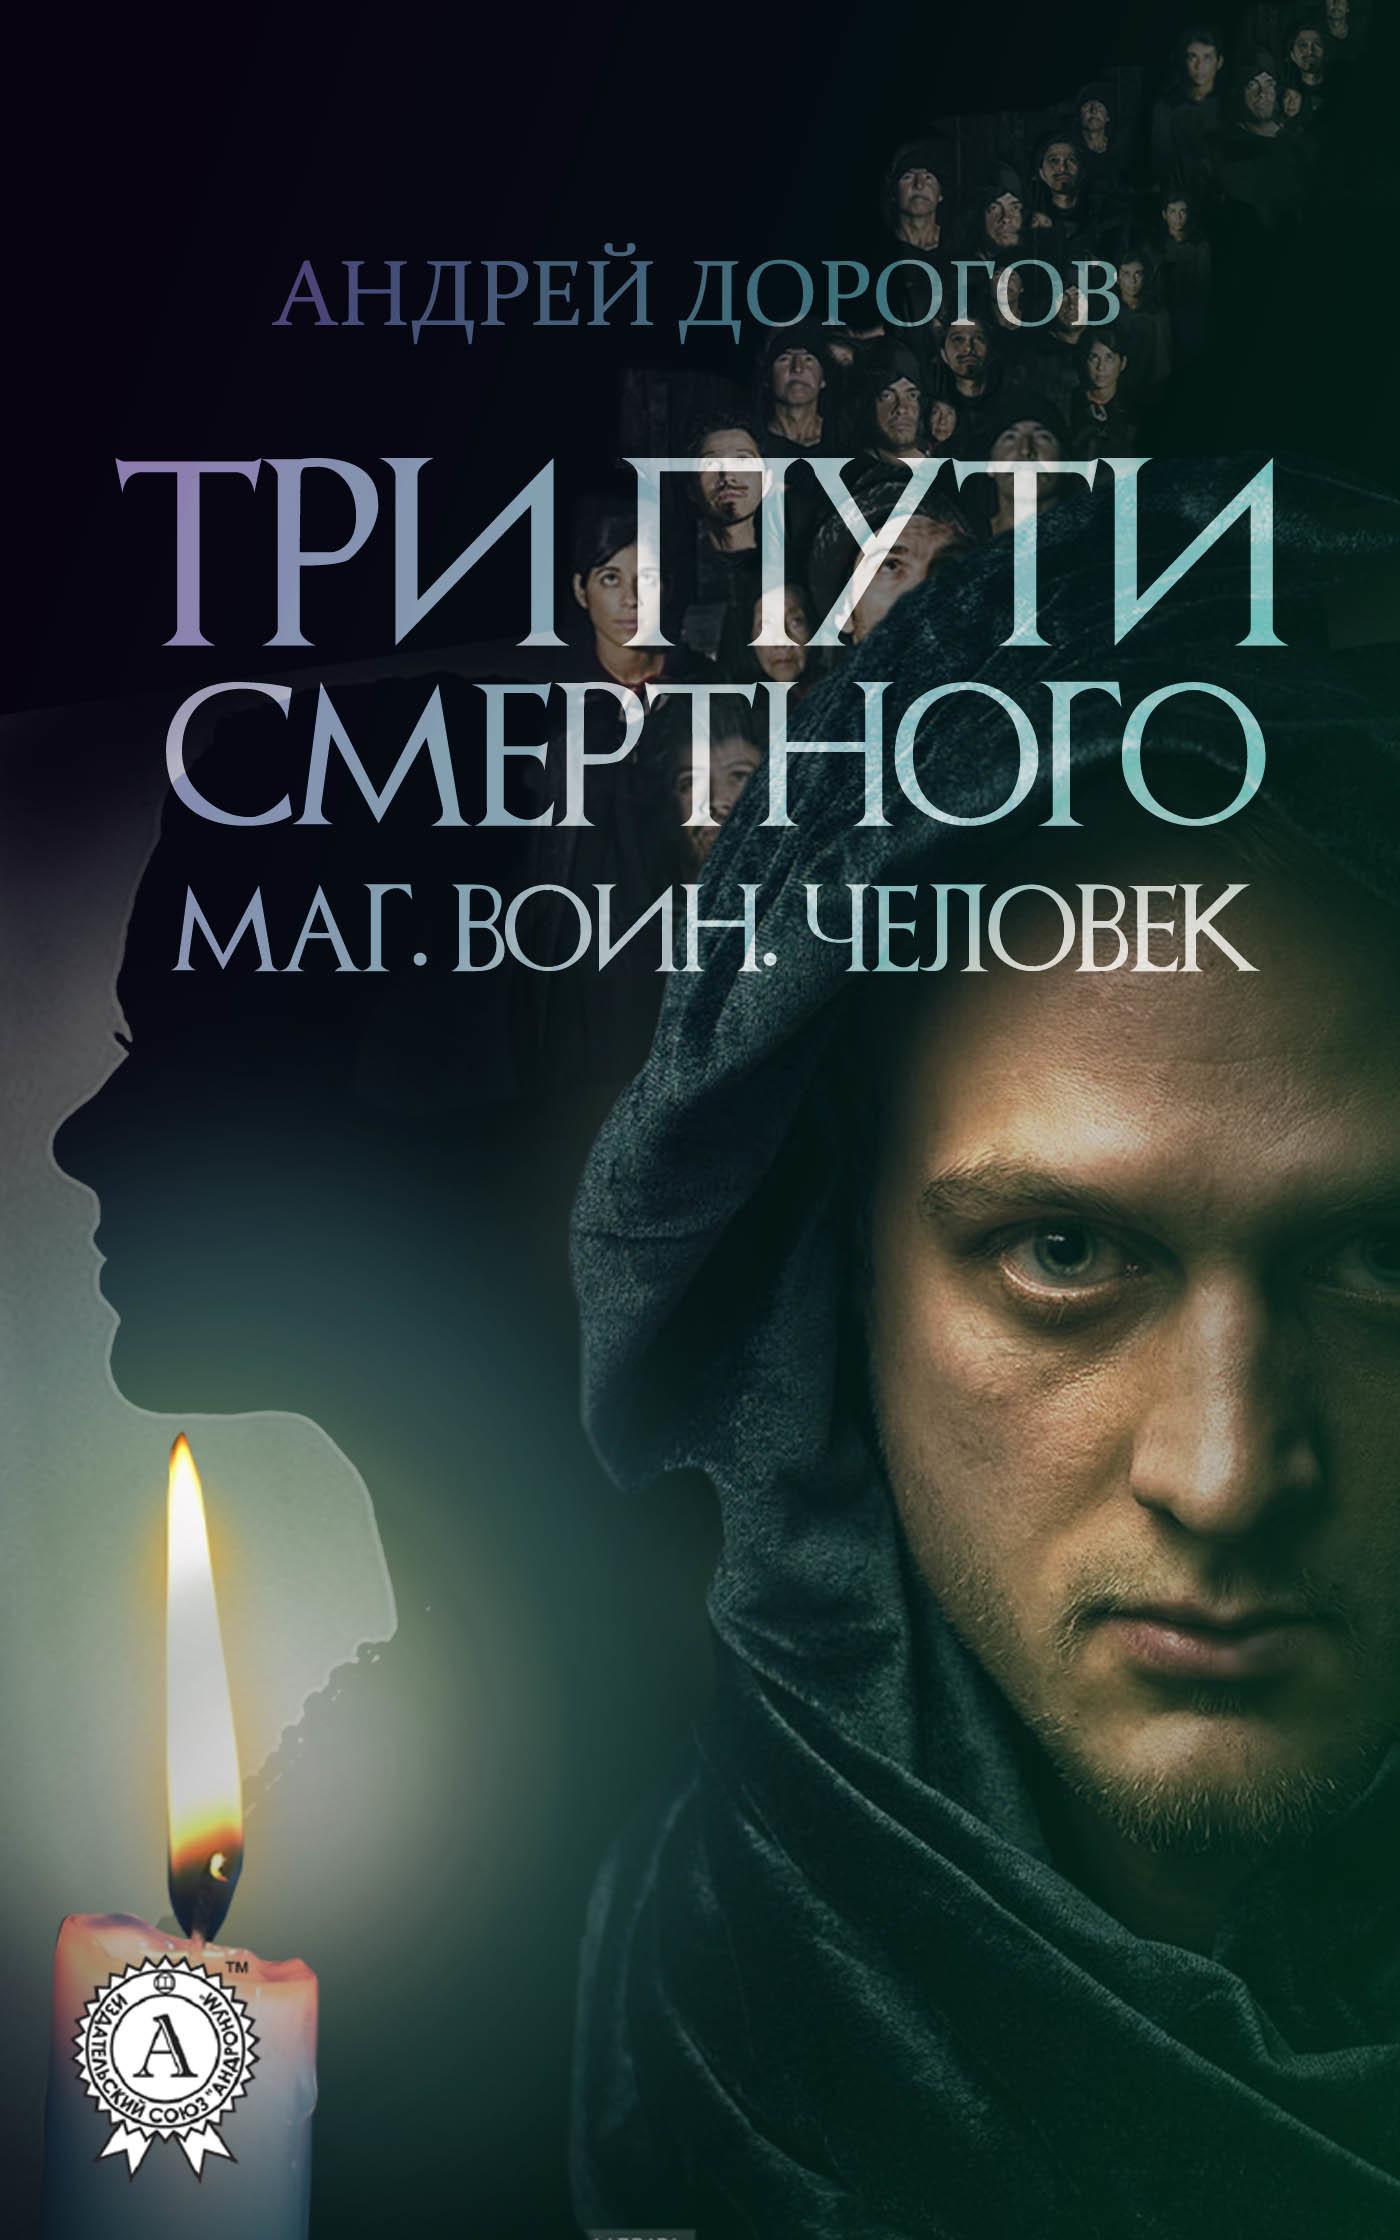 Андрей Дорогов Три пути смертного. Маг. Воин. Человек